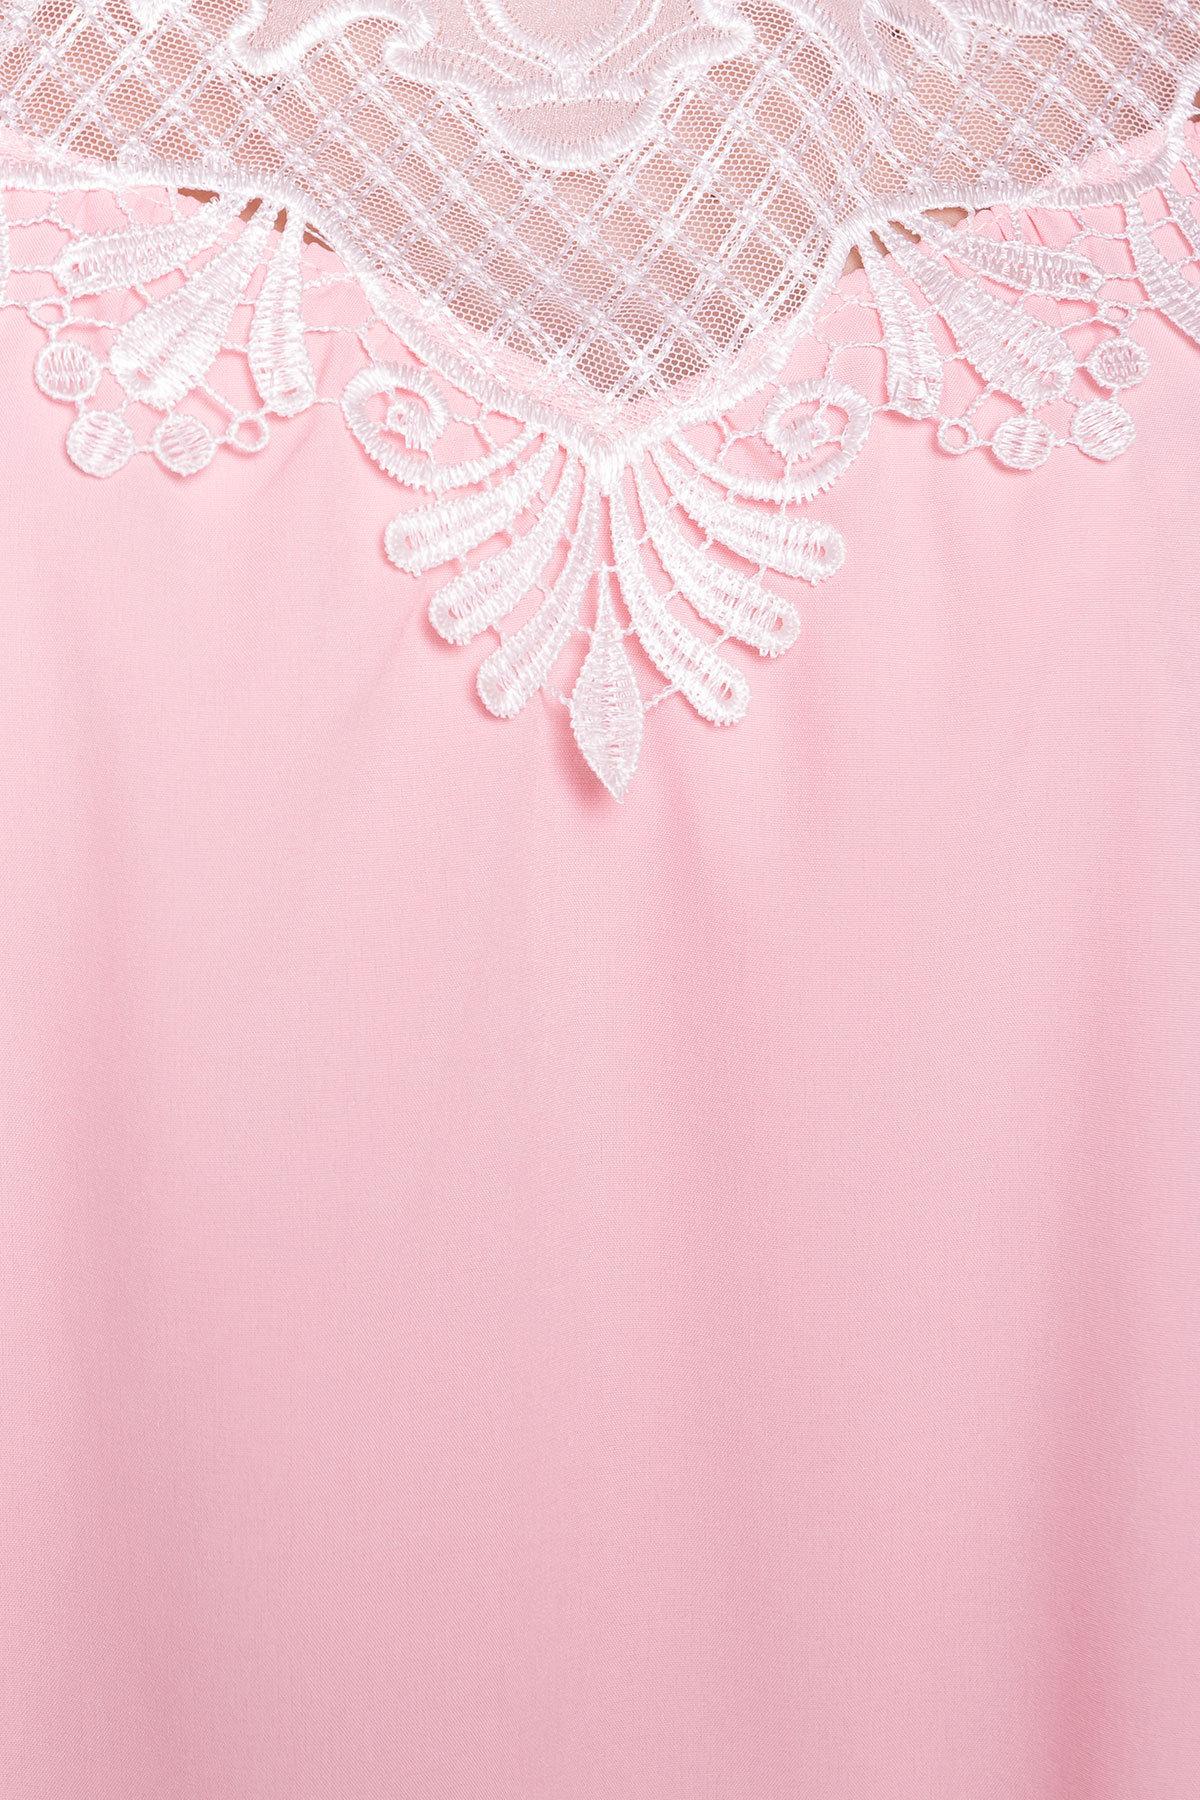 Платье Дели 4874 АРТ. 34782 Цвет: Розовый - фото 4, интернет магазин tm-modus.ru